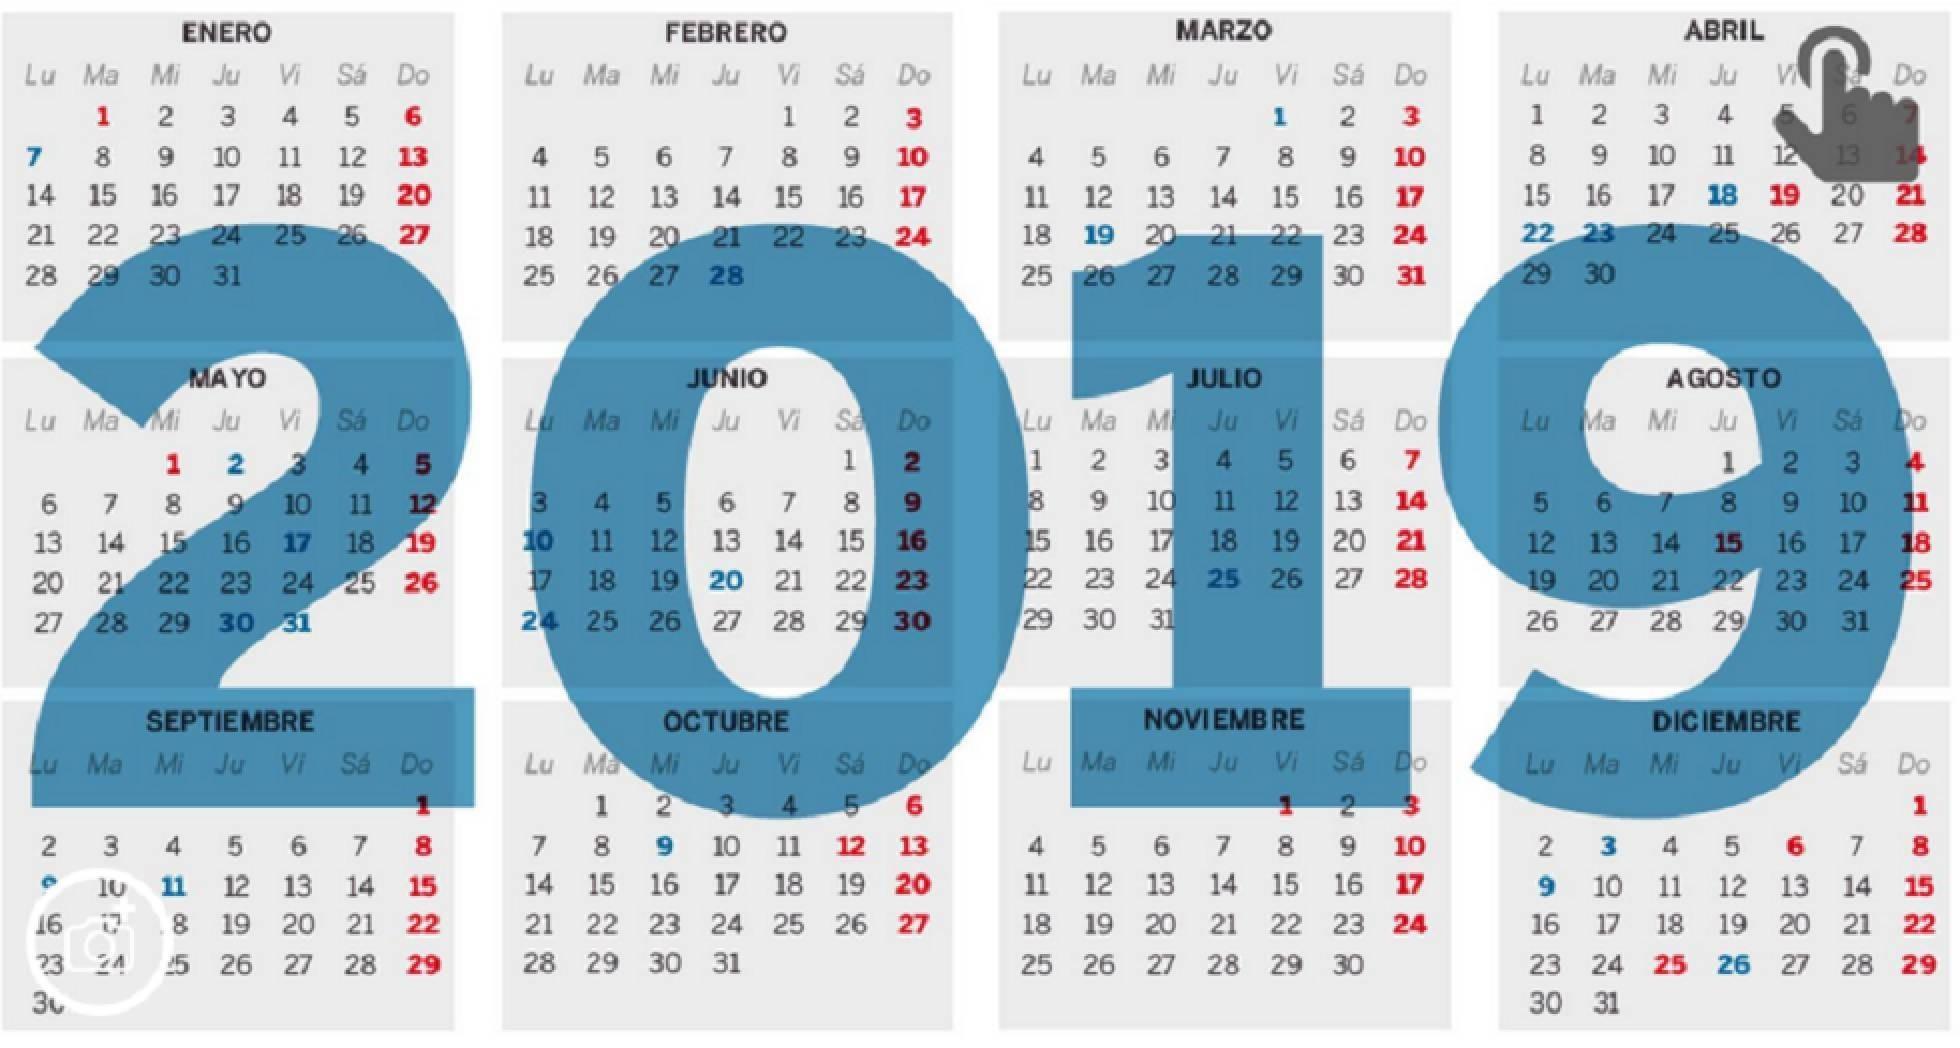 Calendario 2019 andalucia Pdf Actual Verificar Calendario 2019 Con Festivos En andalucia Of Calendario 2019 andalucia Pdf Más Arriba-a-fecha Directory Flyers Promociones